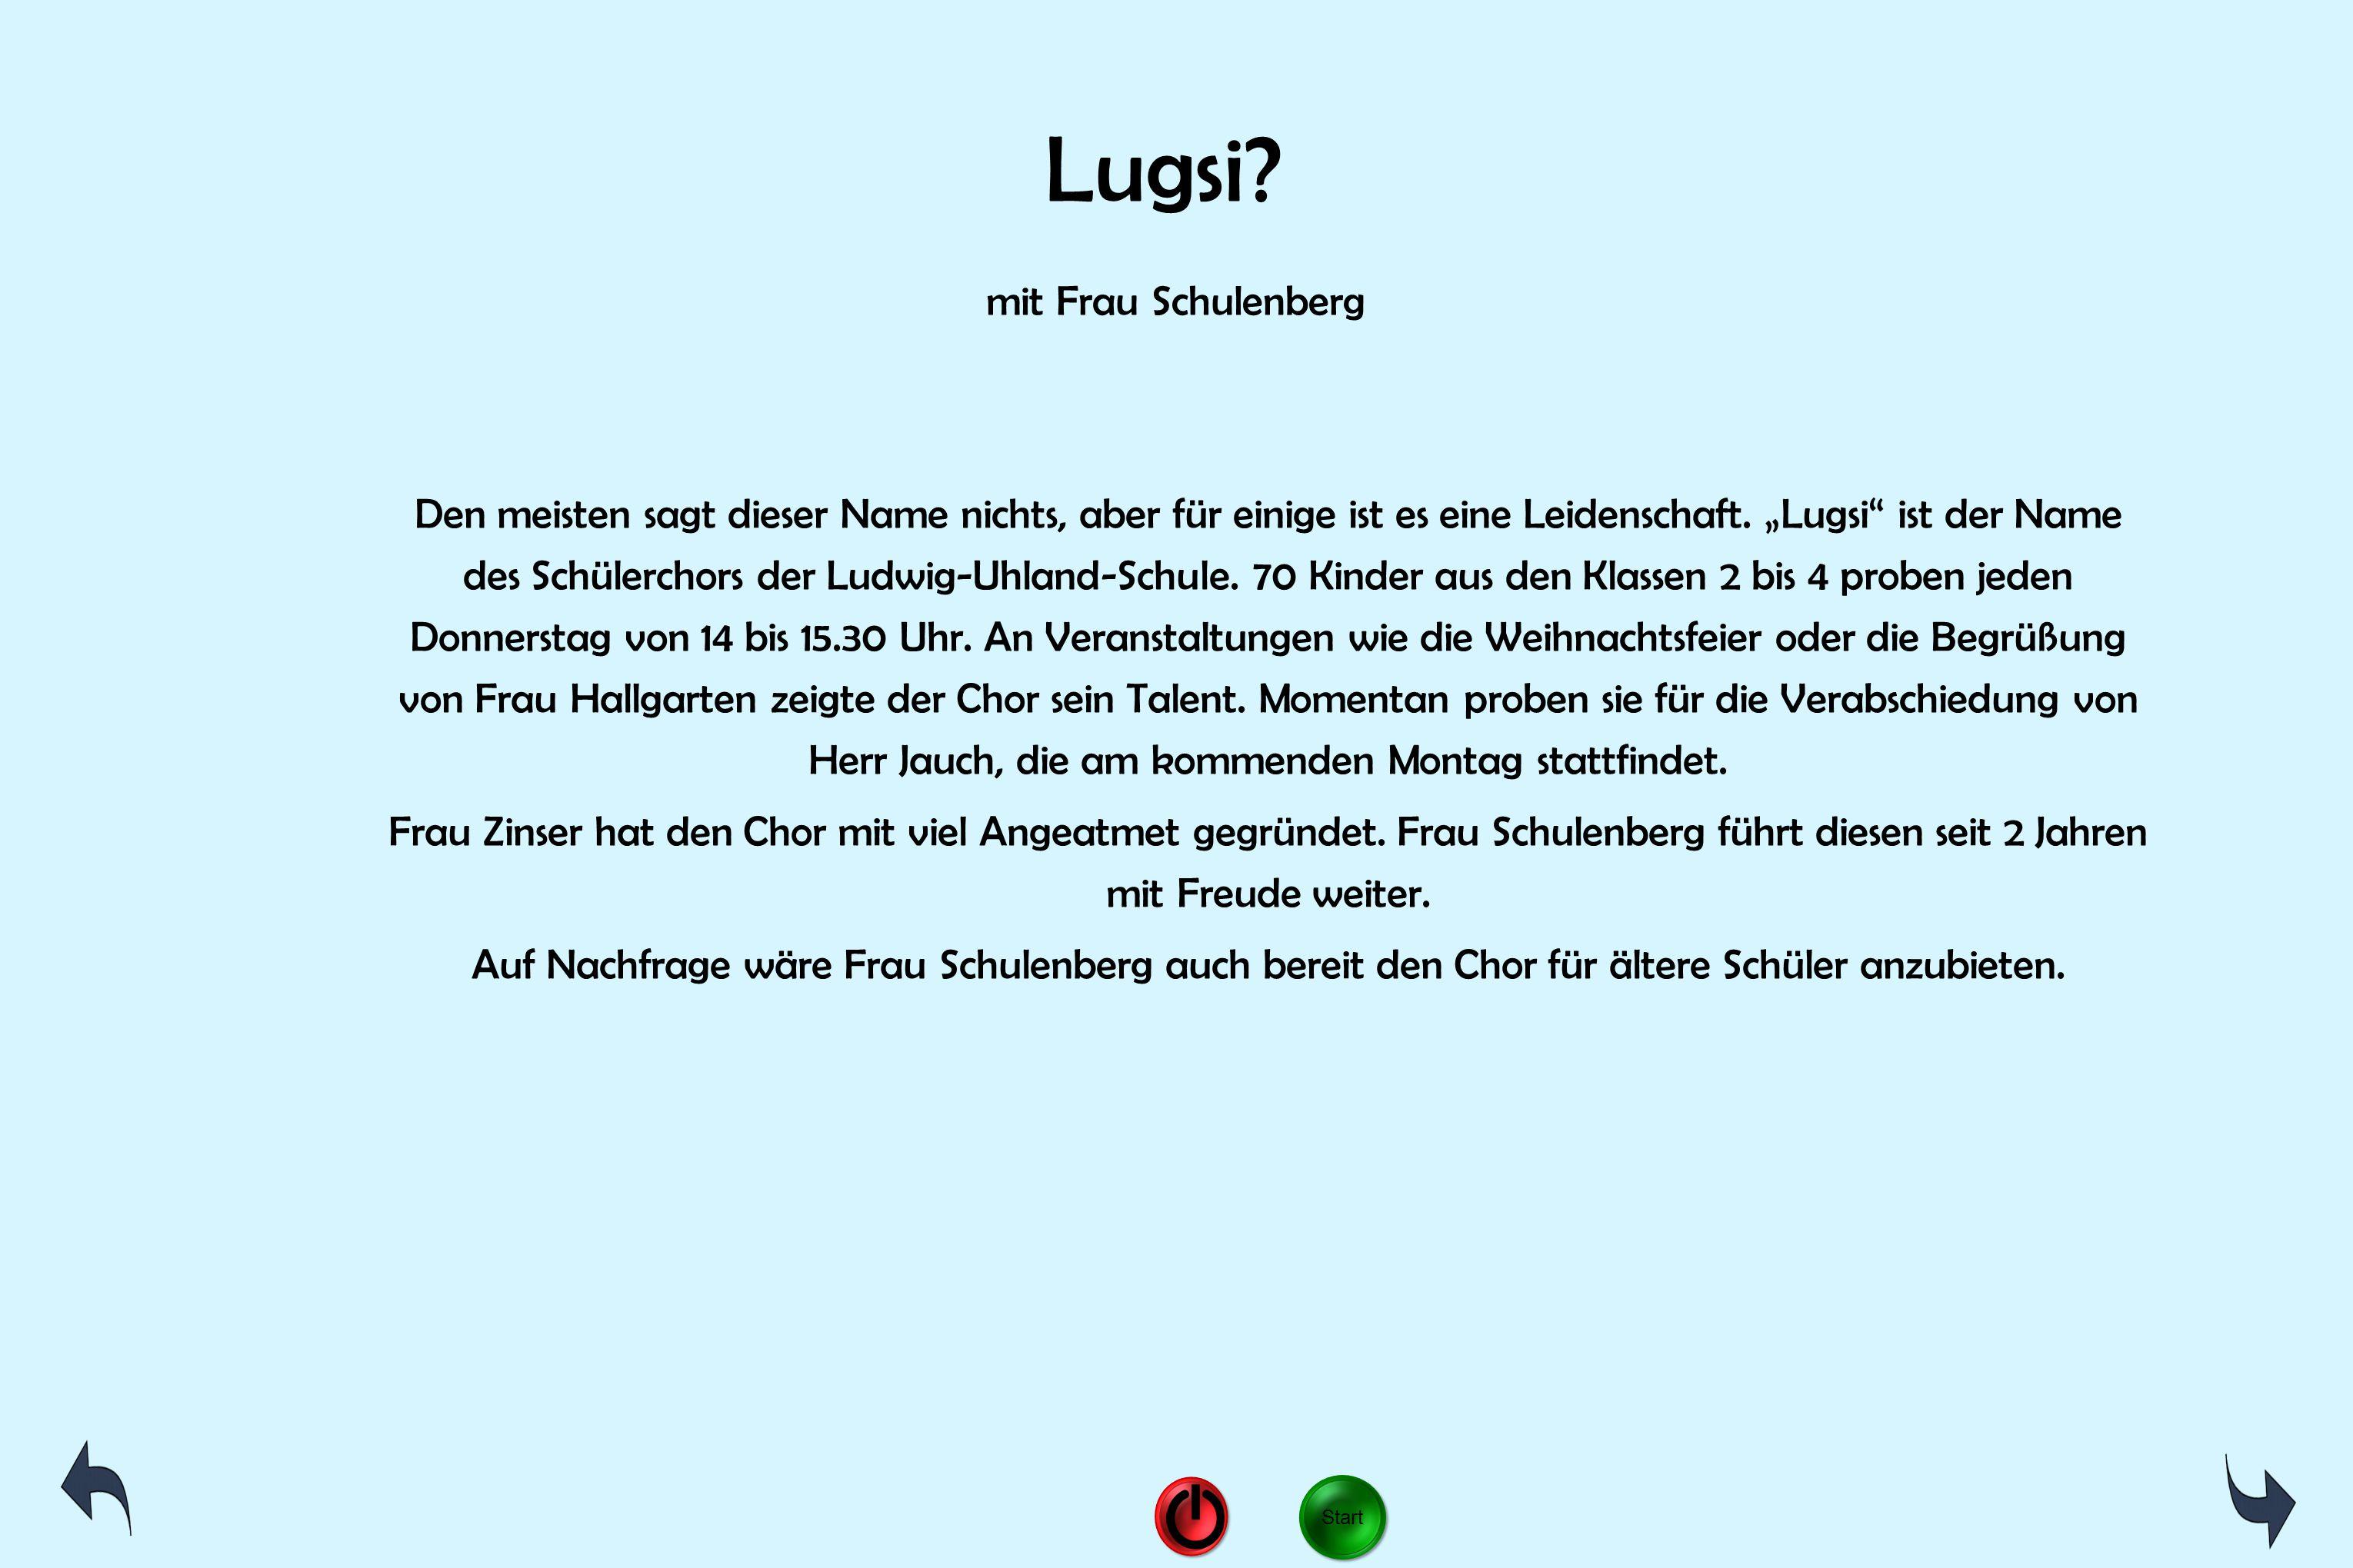 """Lugsi? mit Frau Schulenberg Den meisten sagt dieser Name nichts, aber für einige ist es eine Leidenschaft. """"Lugsi"""" ist der Name des Schülerchors der L"""